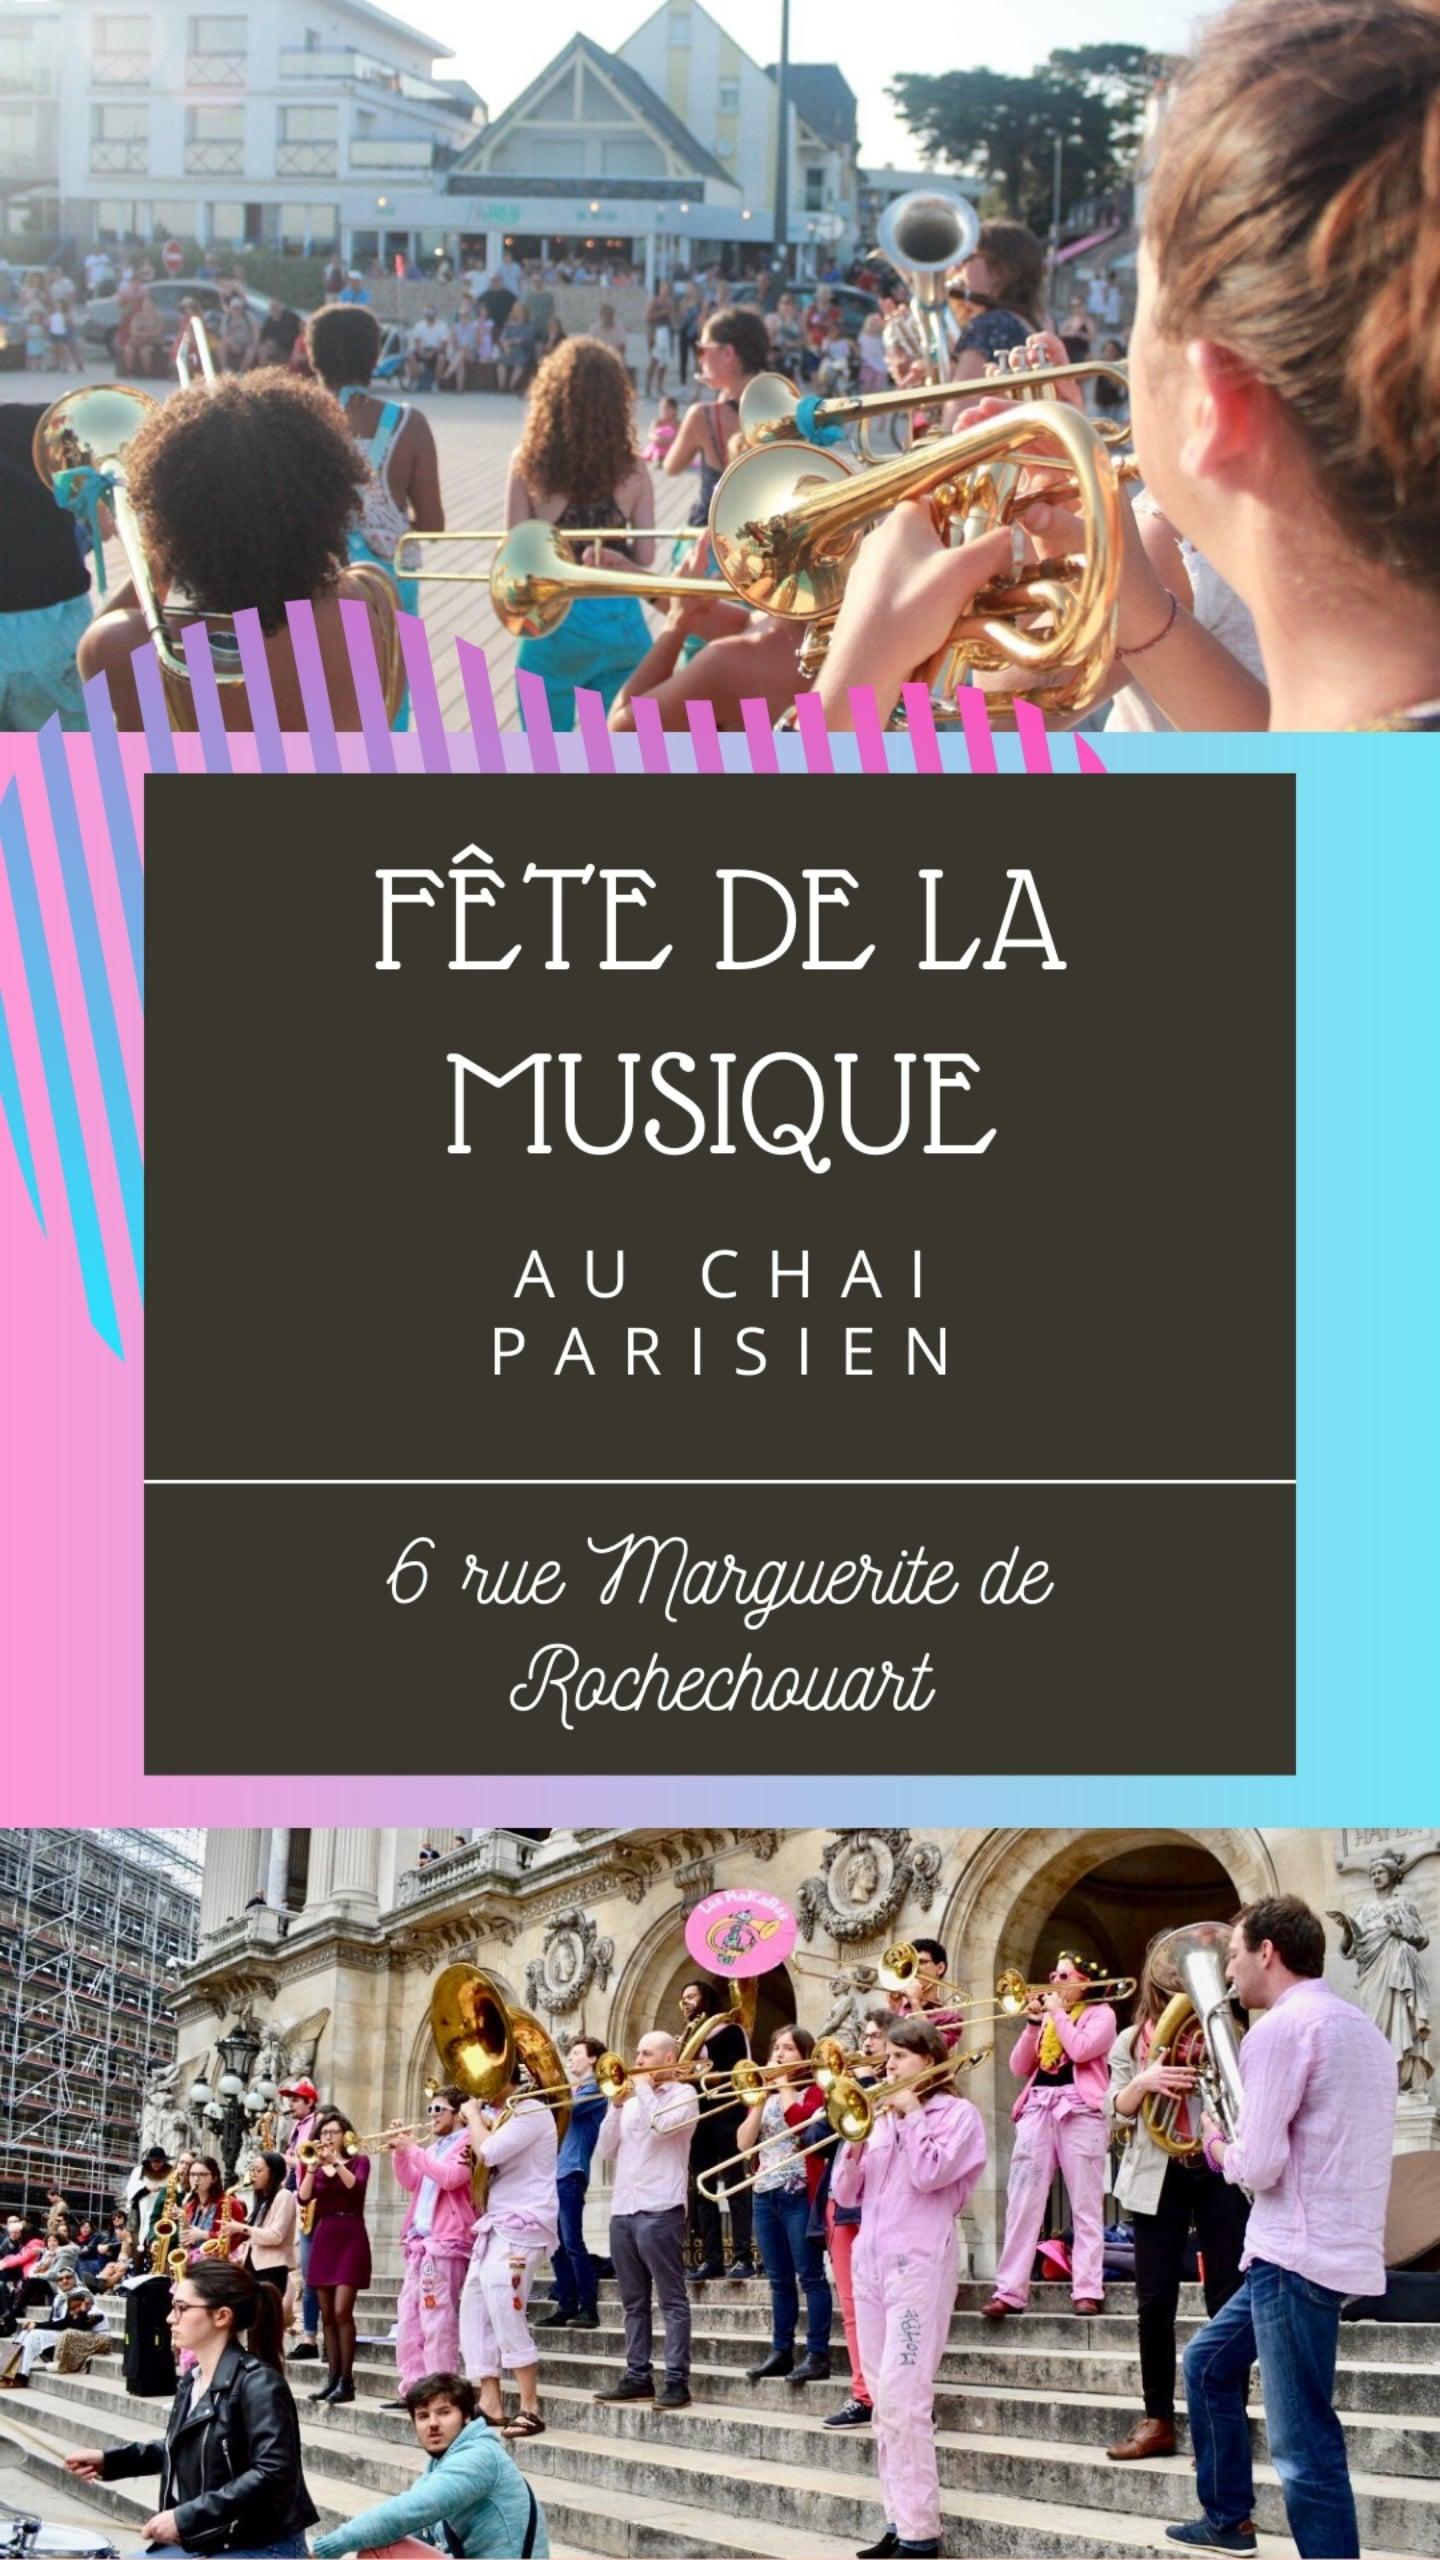 Rendez-vous au Chai Parisien pour une fête de la musique avec nos amis de toujours, les moktars !